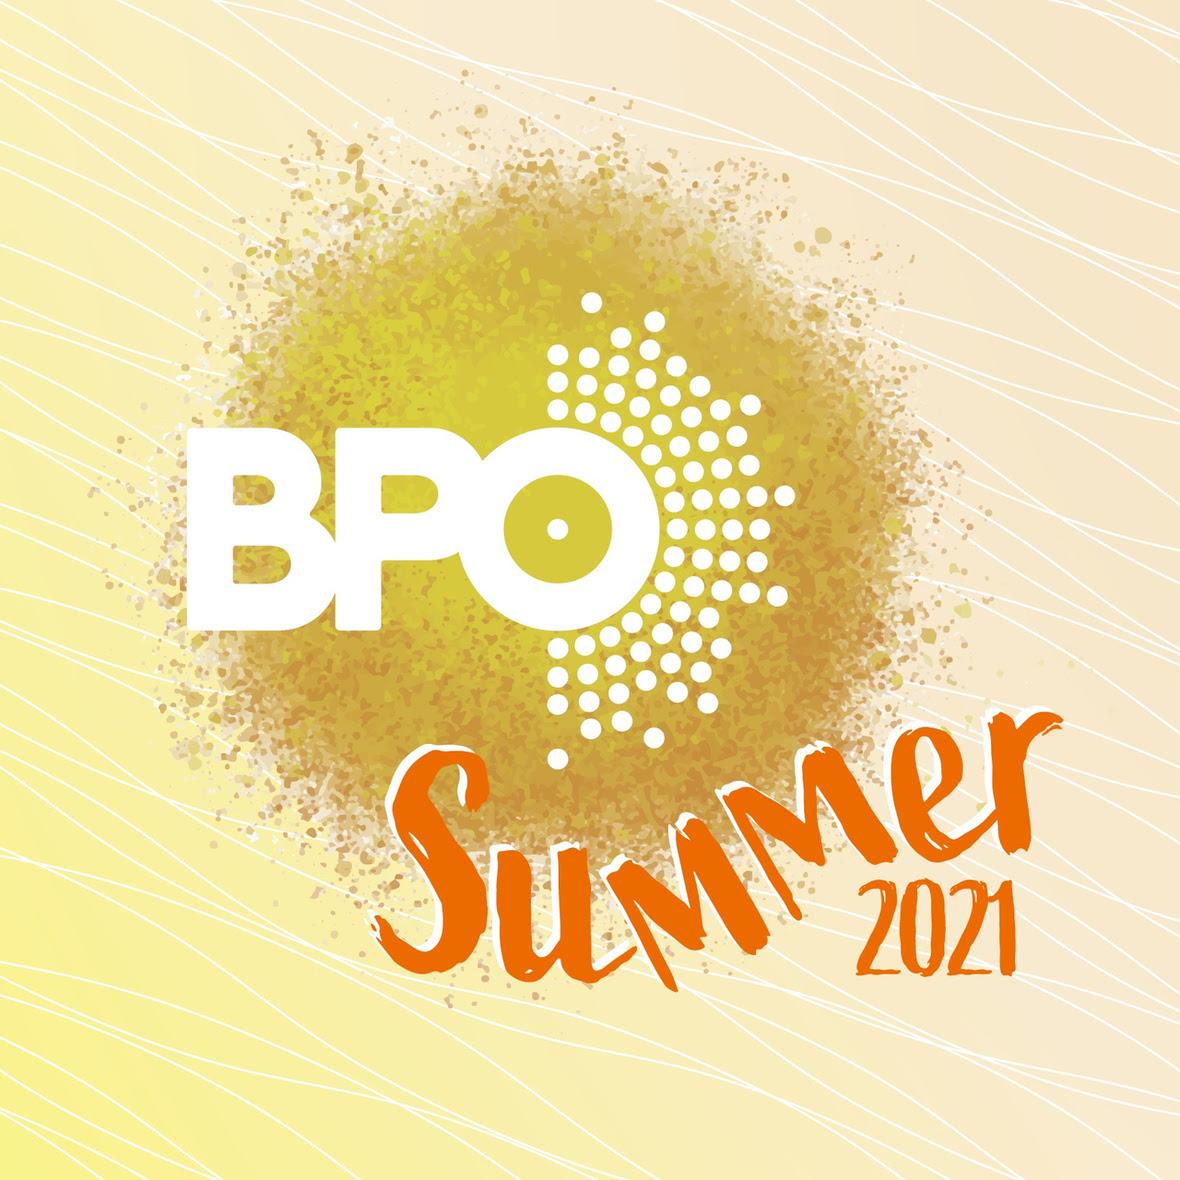 El BPO tiene un horario de verano sólido.  (Imagen cortesía de la Orquesta Filarmónica de Buffalo)